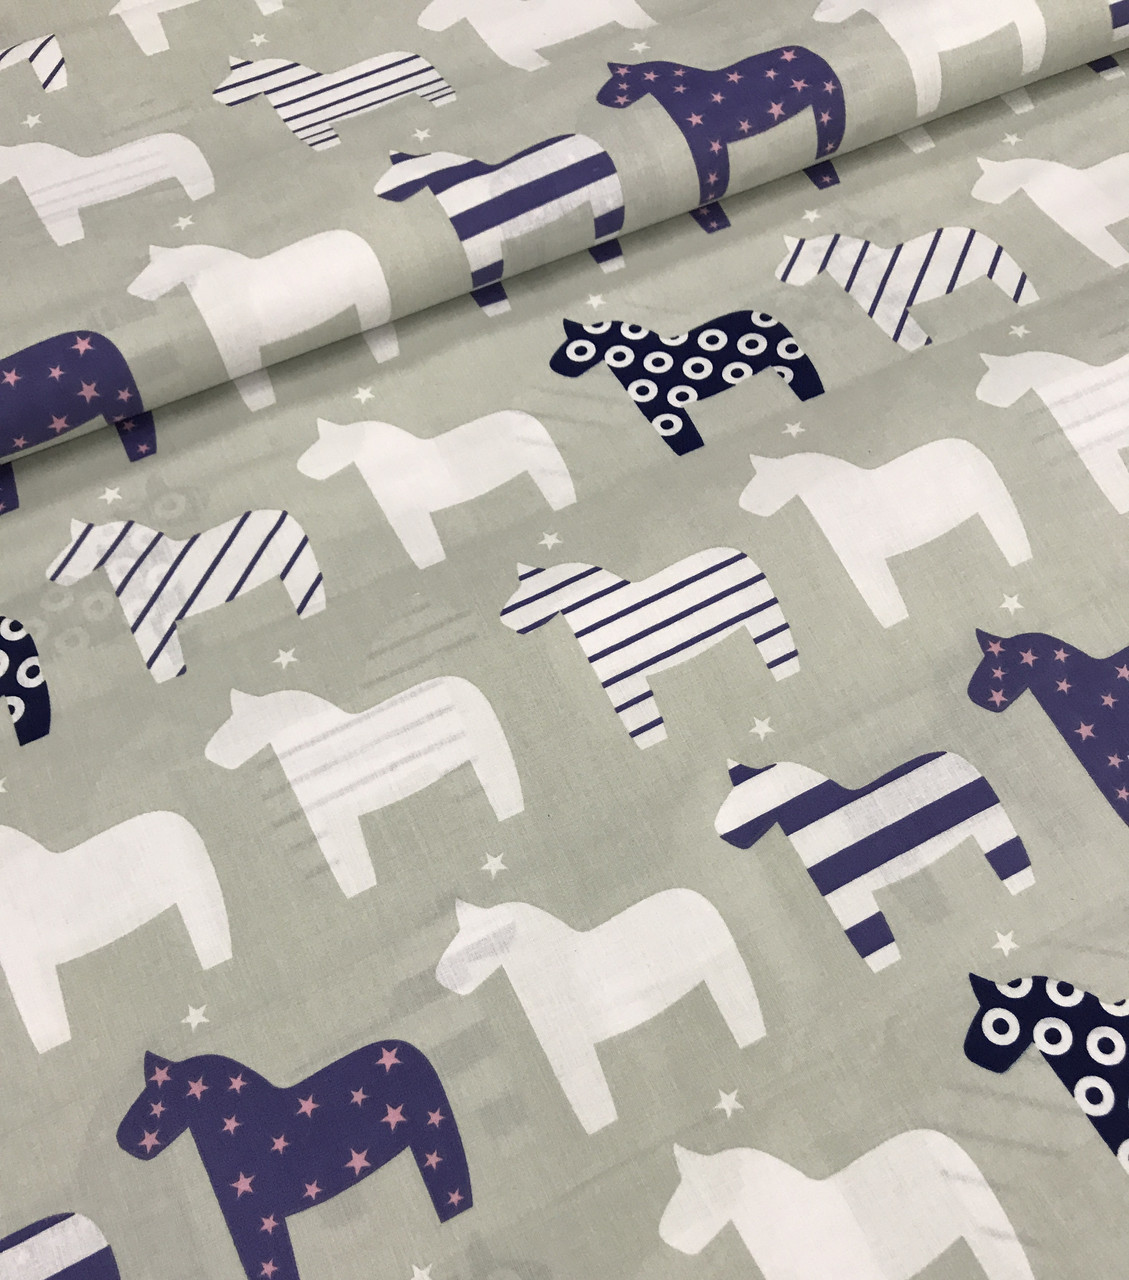 Бавовняна тканина польська конячки біло-сині на сірому №443